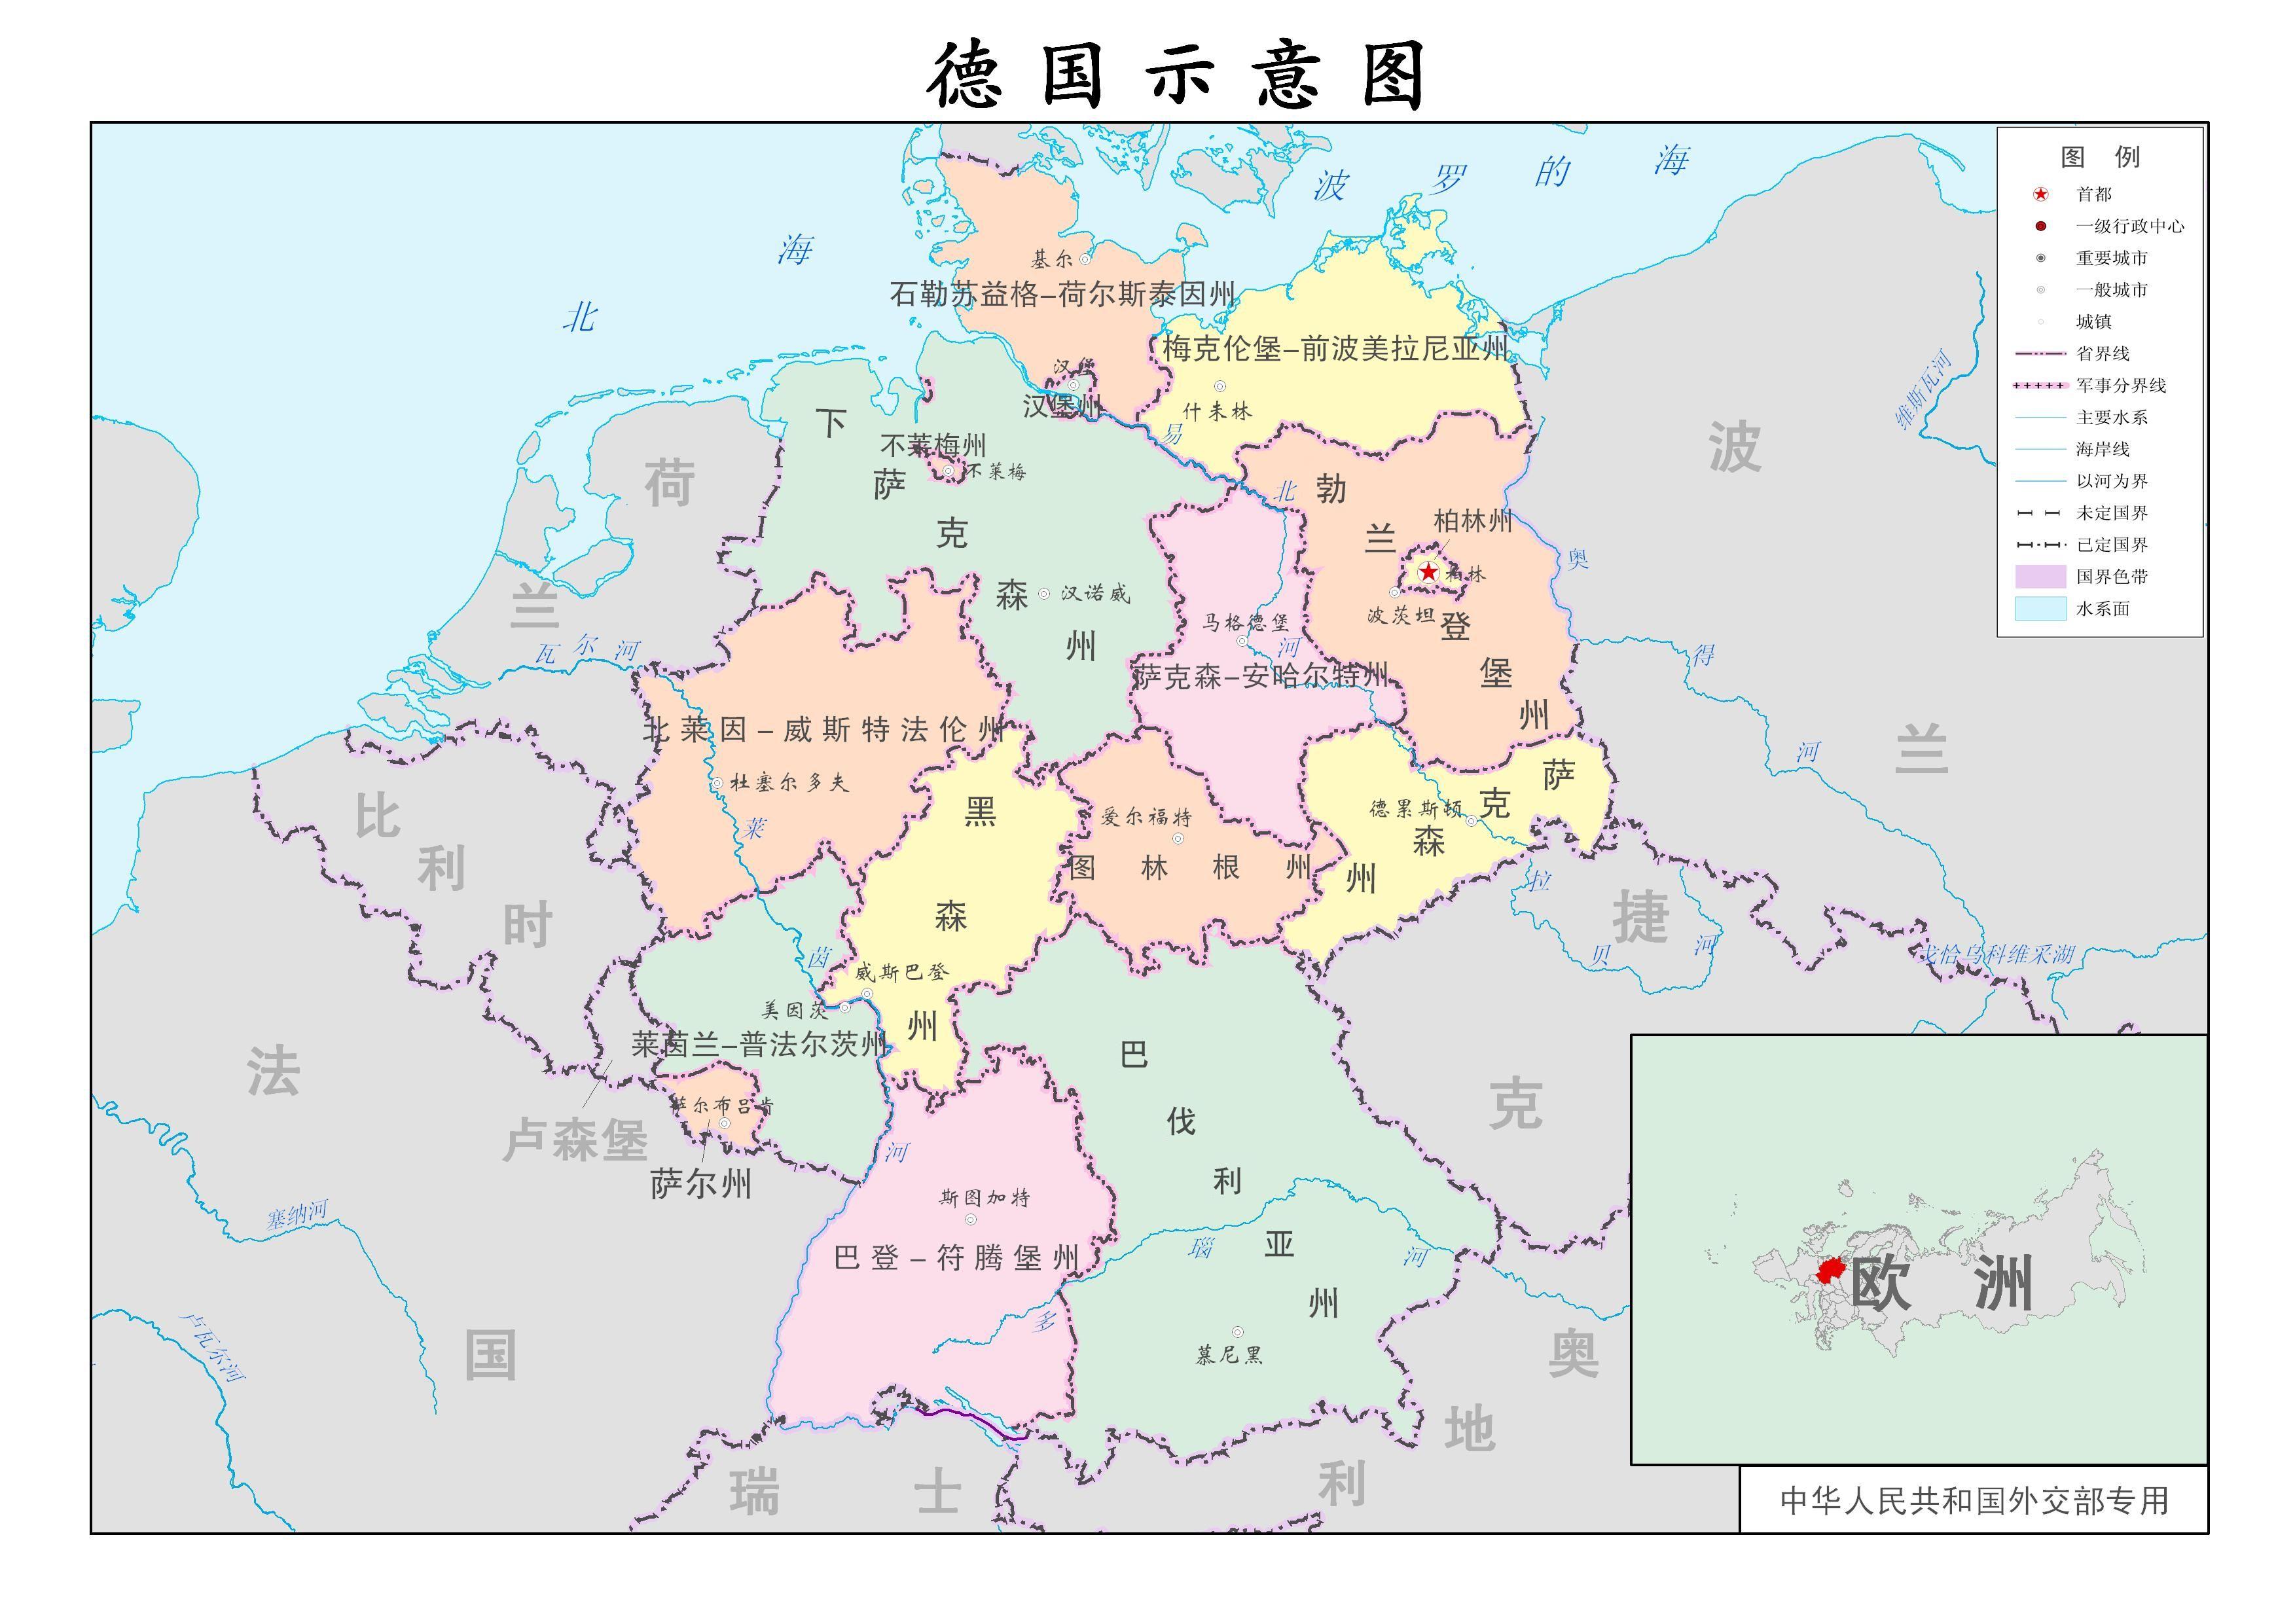 世界地图 国家示意图 >> 德国行政示意图  栏目导航:亚洲  欧洲  非洲图片